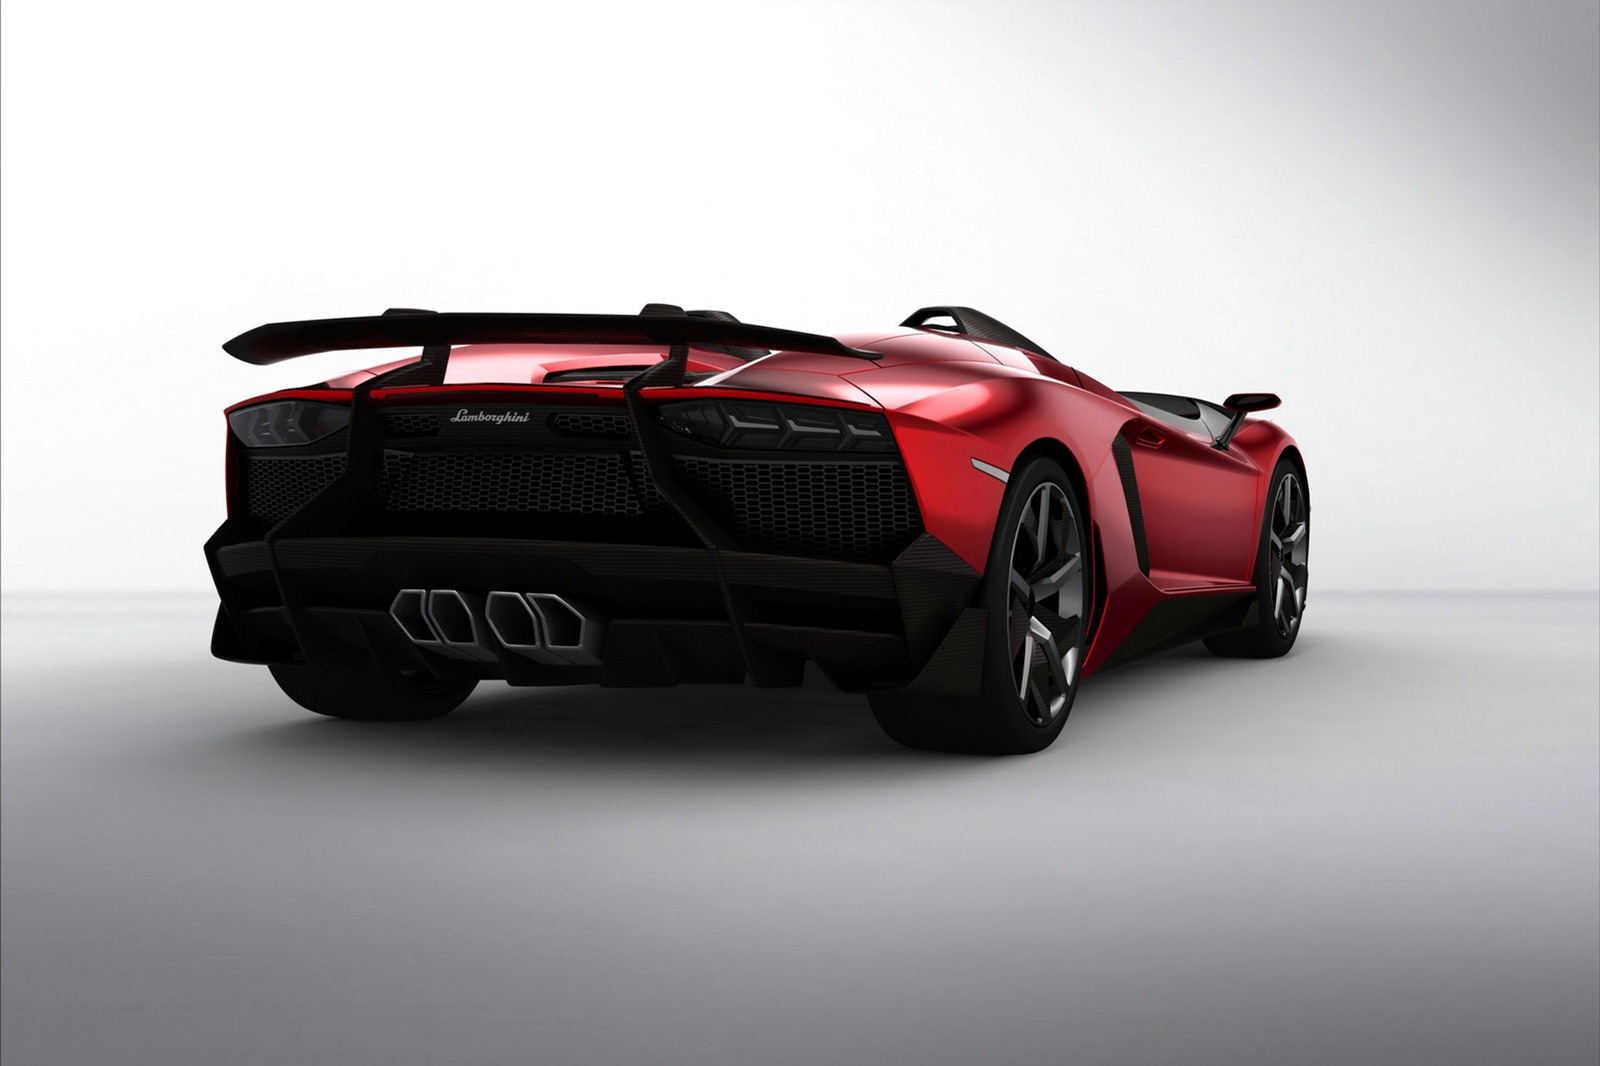 Lamborghini Aventador J Concept Foto Ufficiali Presentazioni